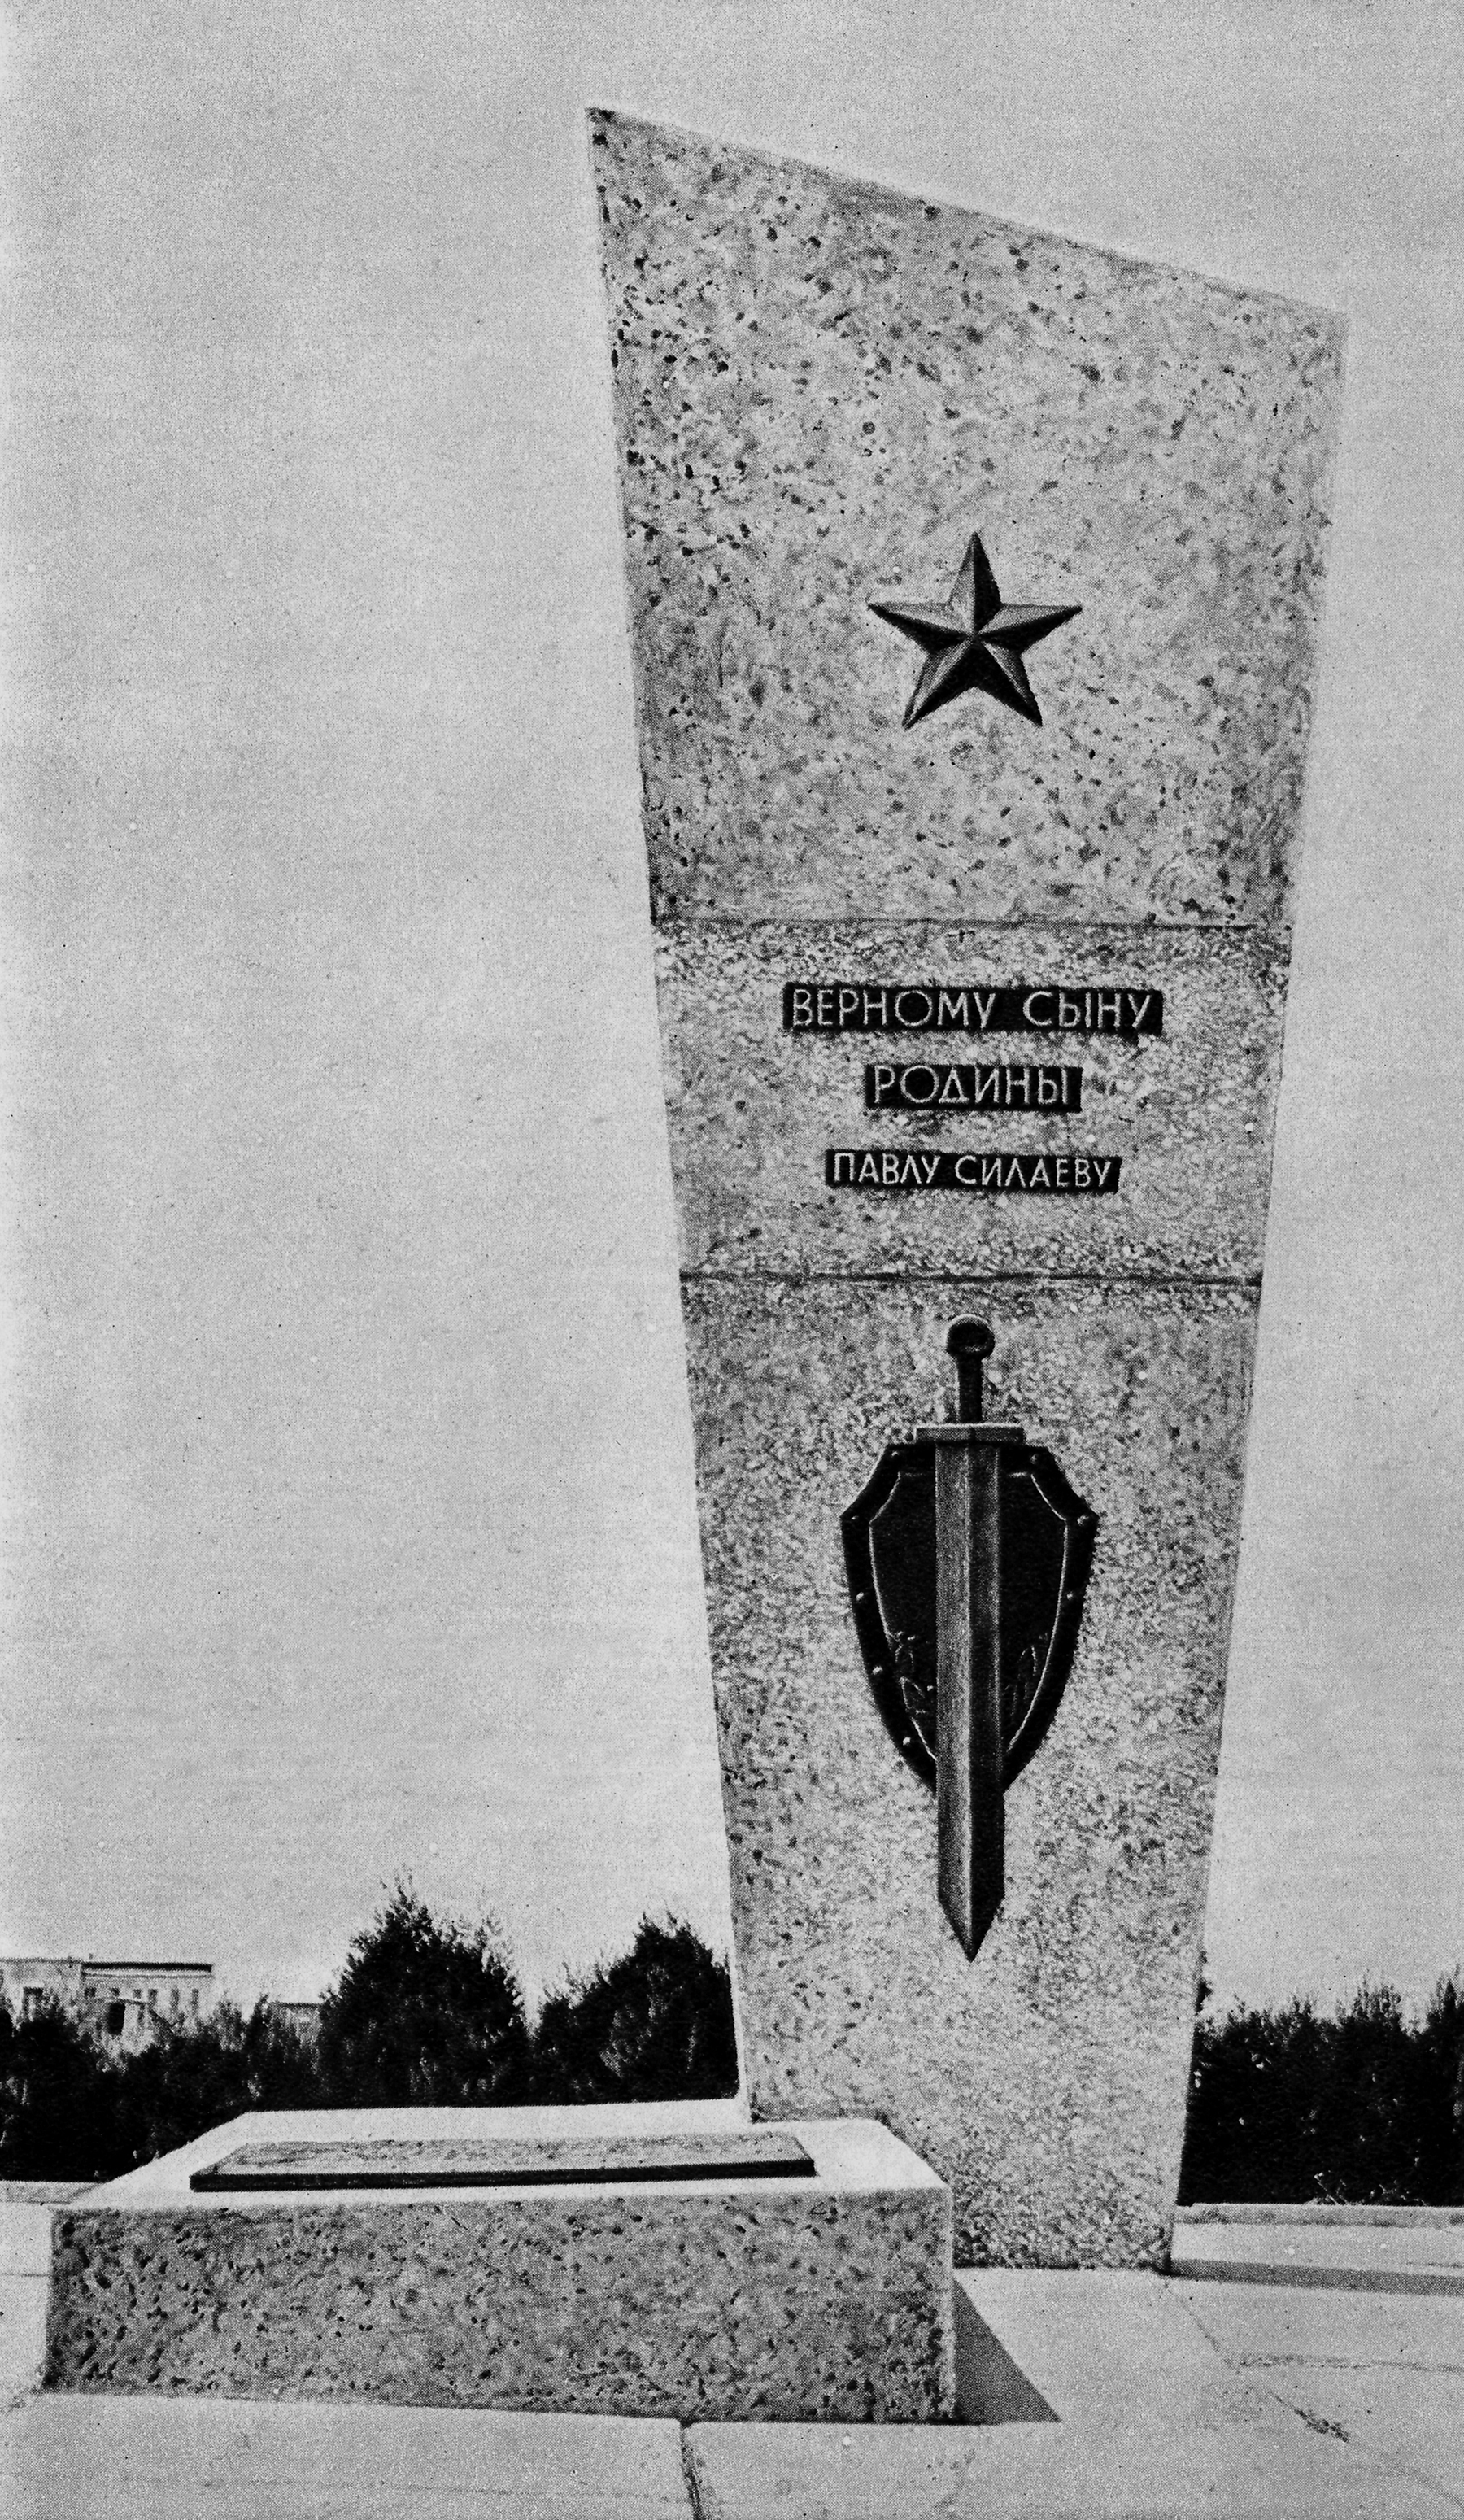 Памятник Павлу Силаеву, 70-е годы